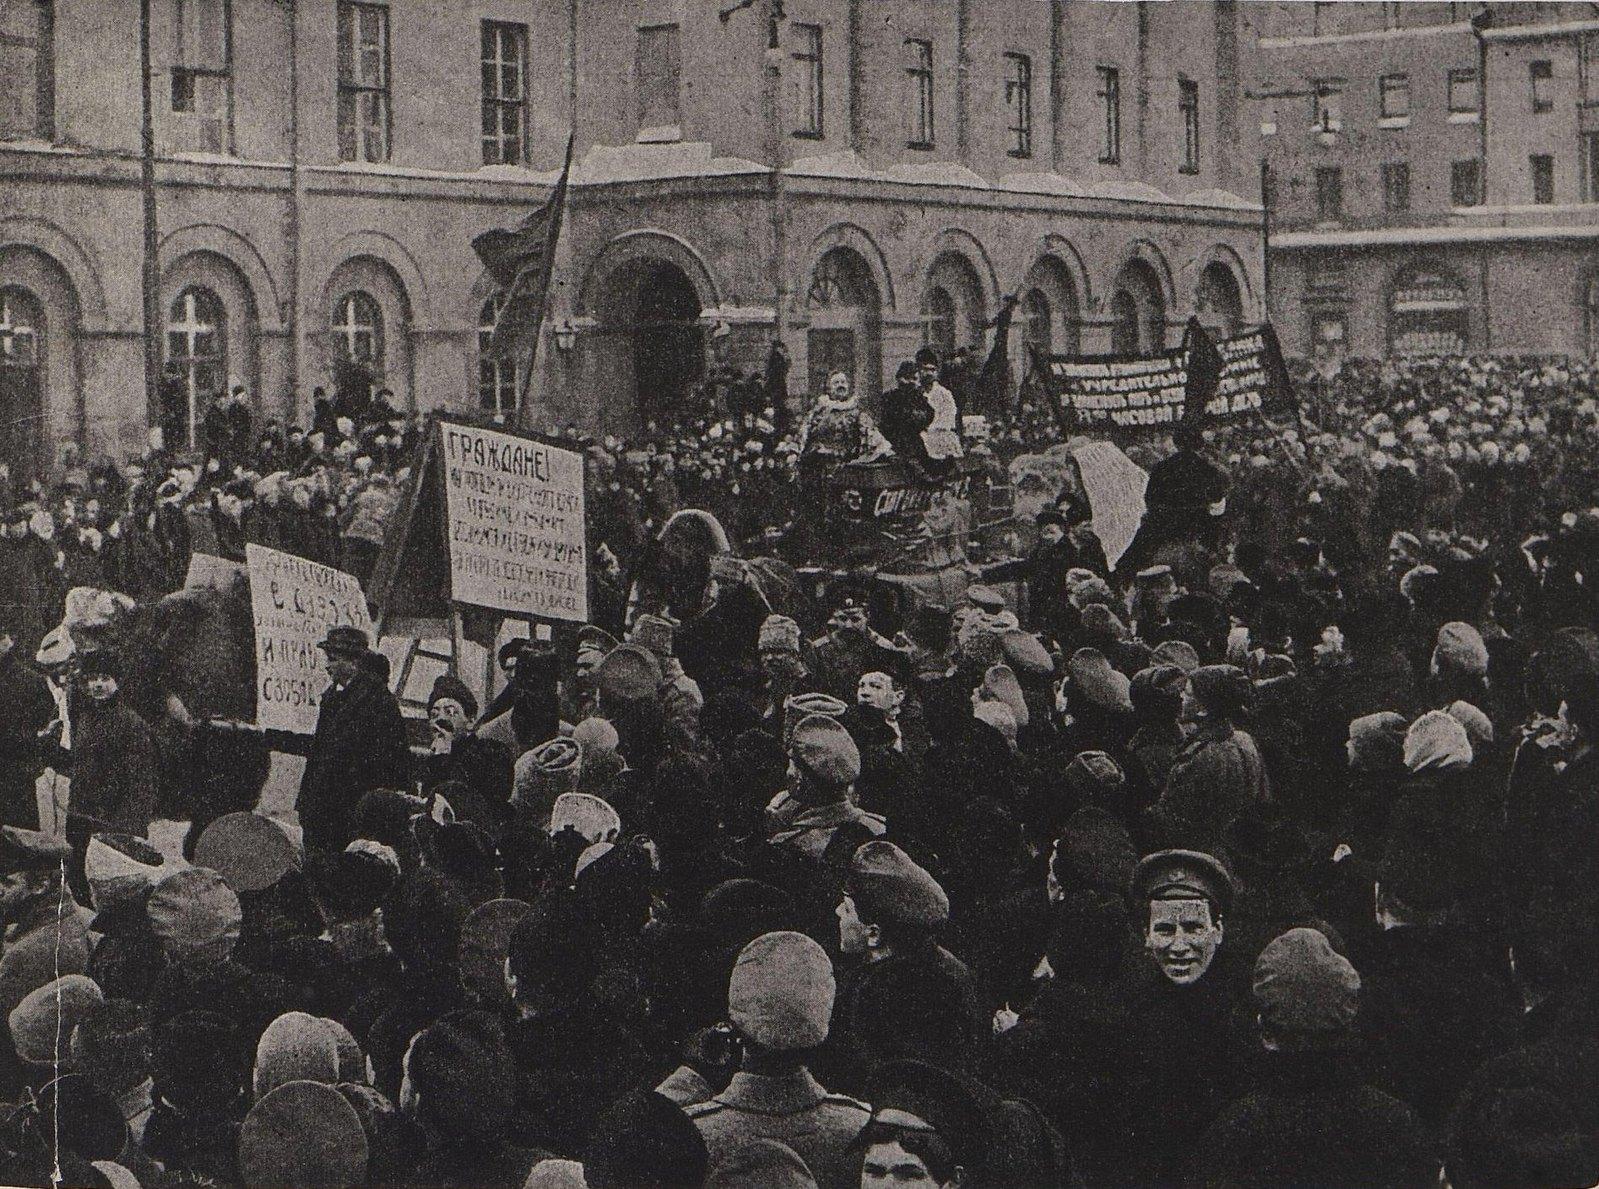 07. Демонстрация на Театральной площади в Москве в дни Февральской революции